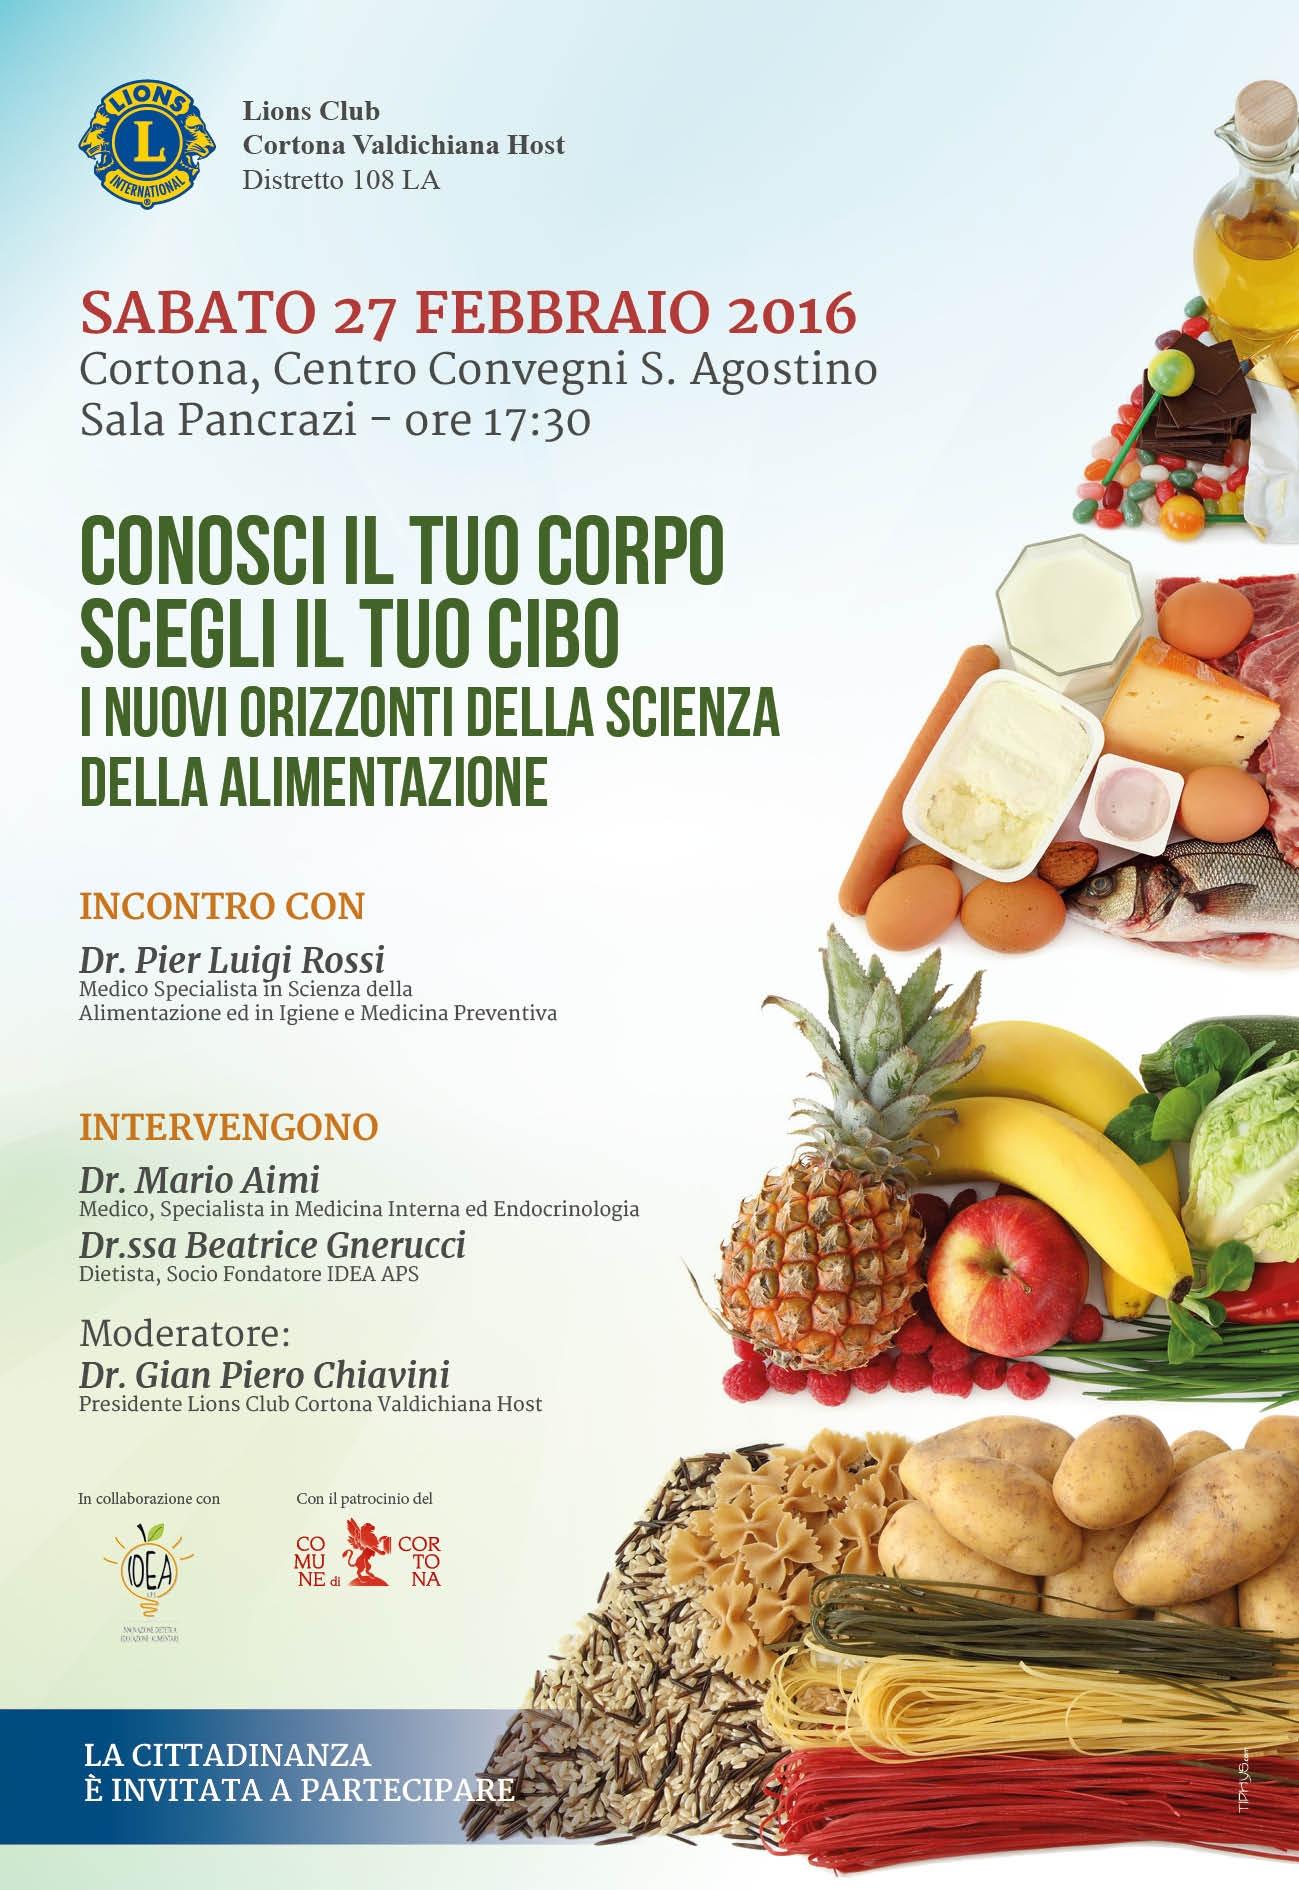 Conosci il tuo corpo, scegli il tuo cibo, conferenza a Cortona promossa dal Lions Club